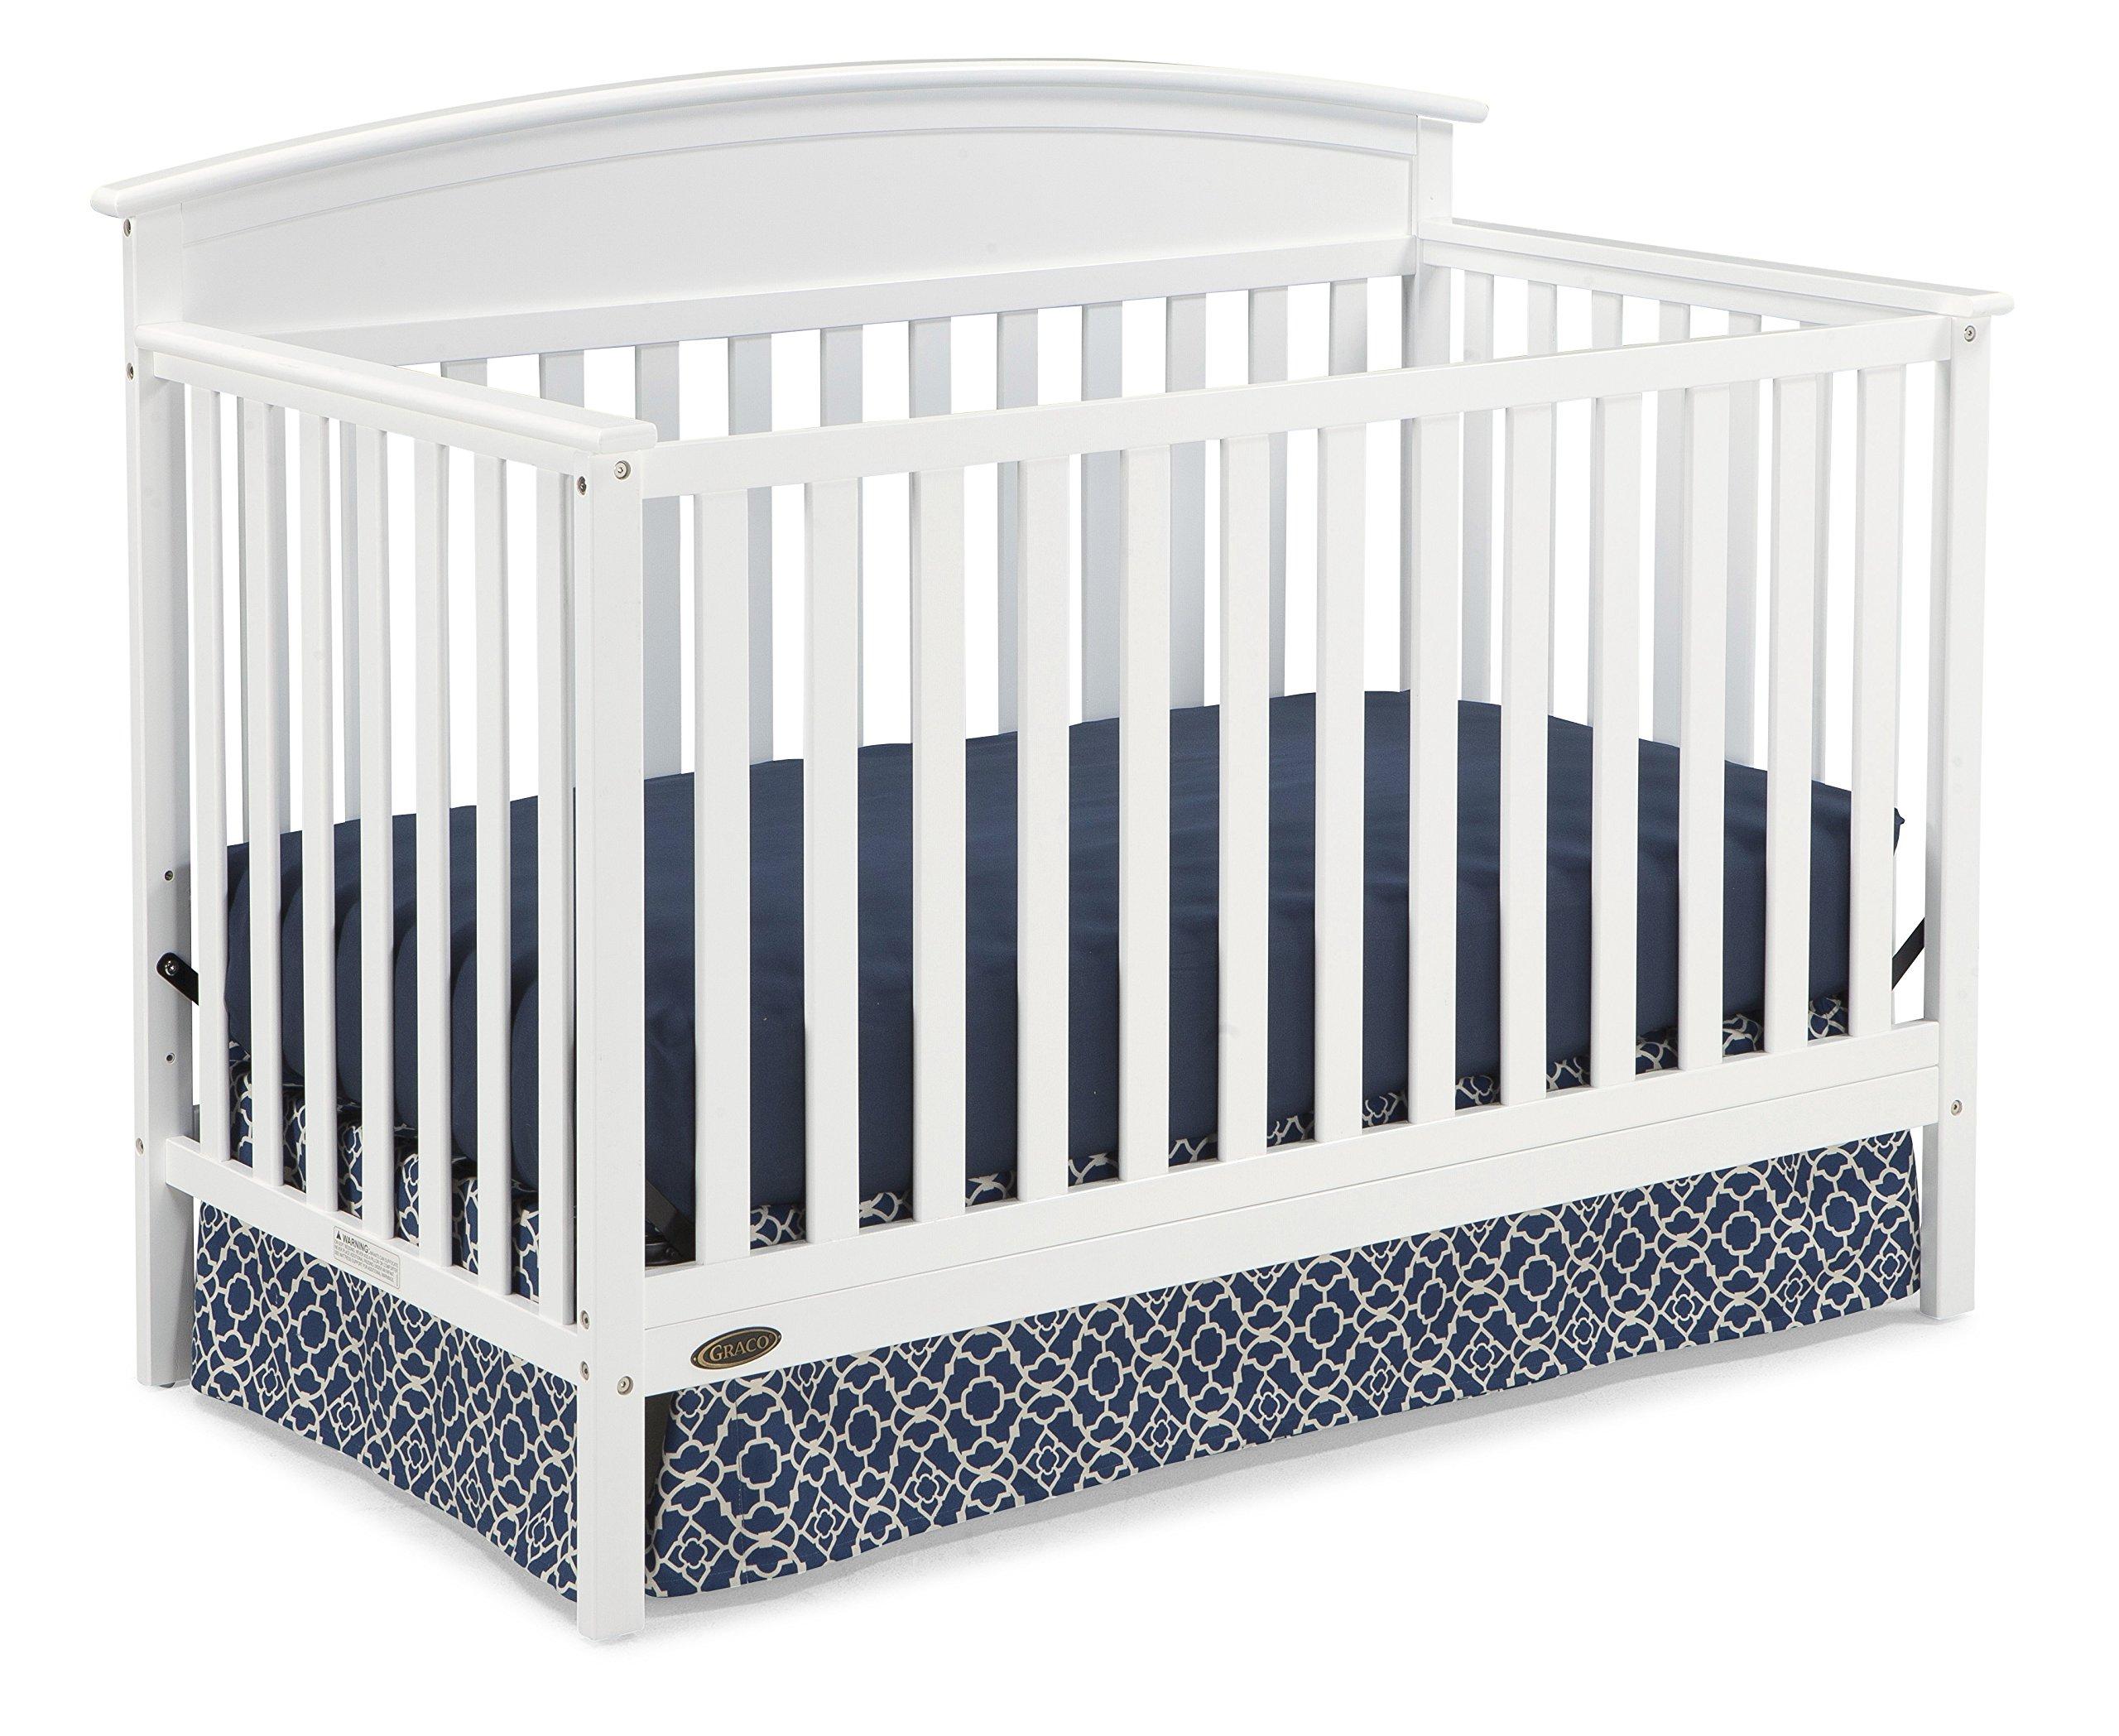 Graco Benton 5-in-1 Convertible Crib, White